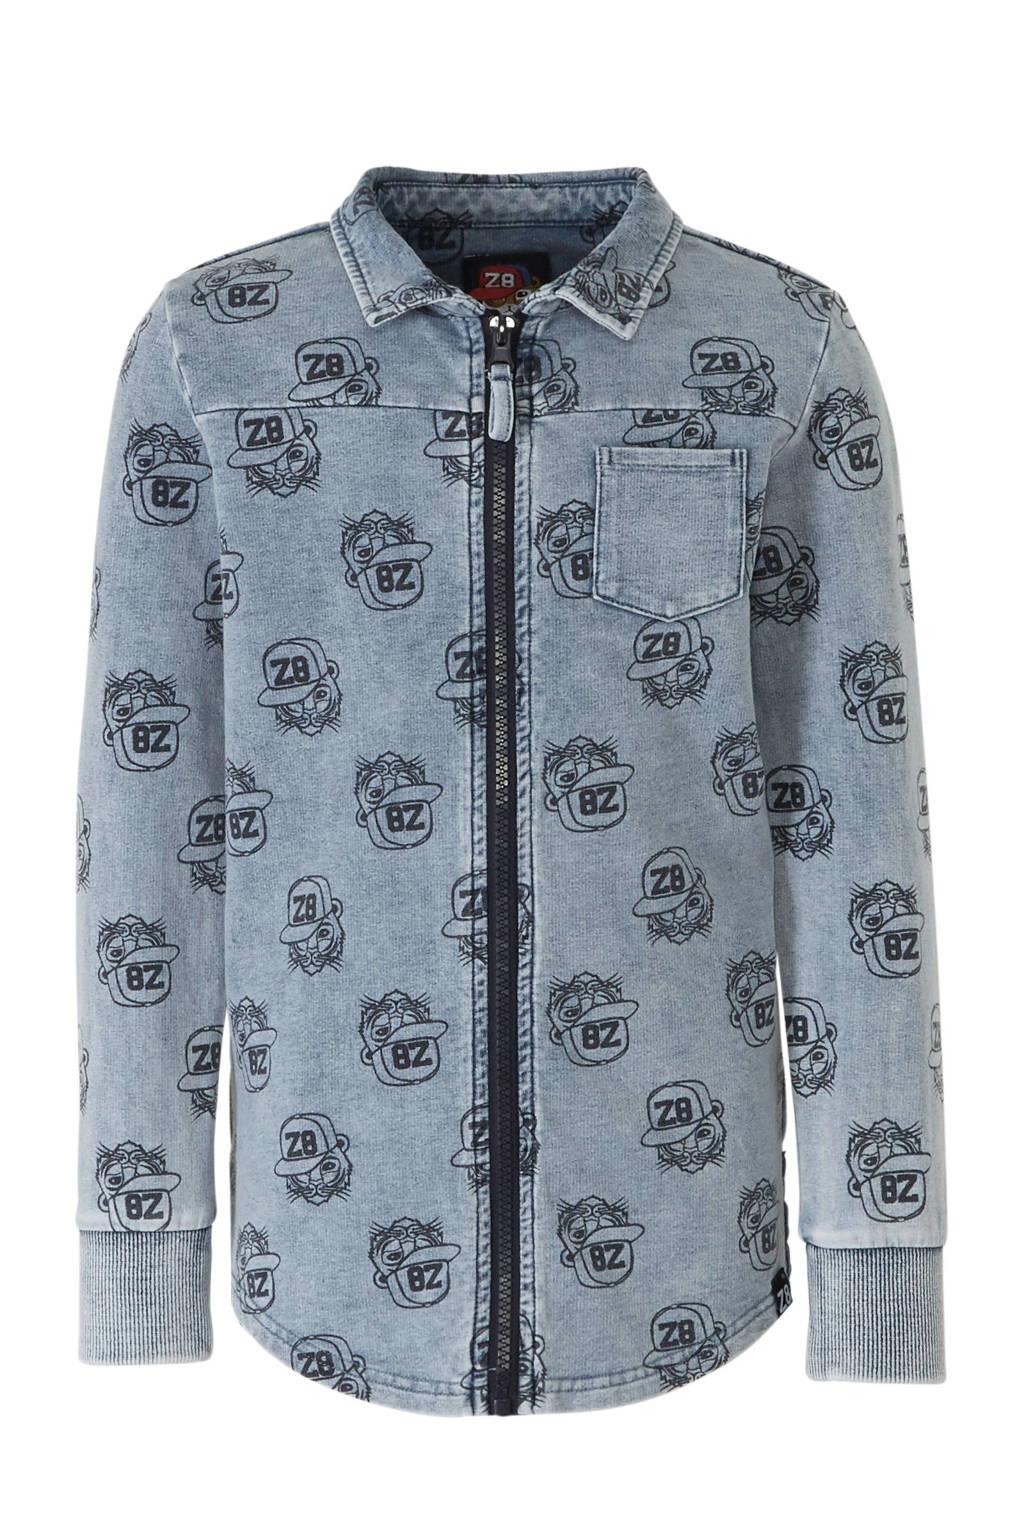 Z8 overhemd Baas met all over print denim blauw, Denim blauw